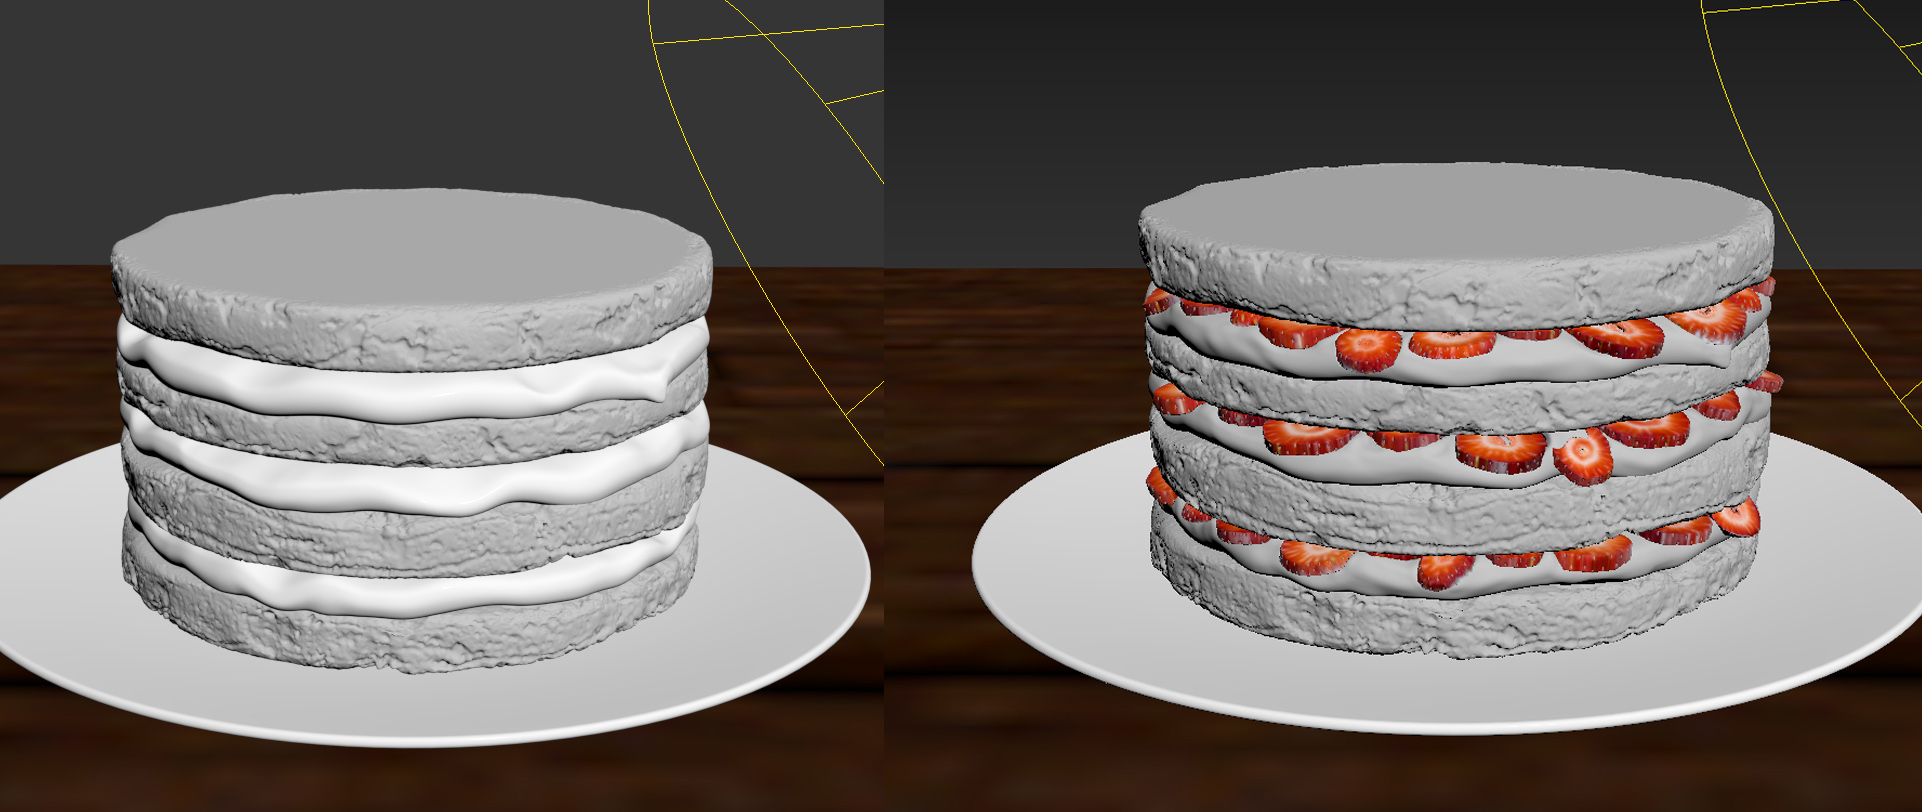 Cake_3ds_max.jpg